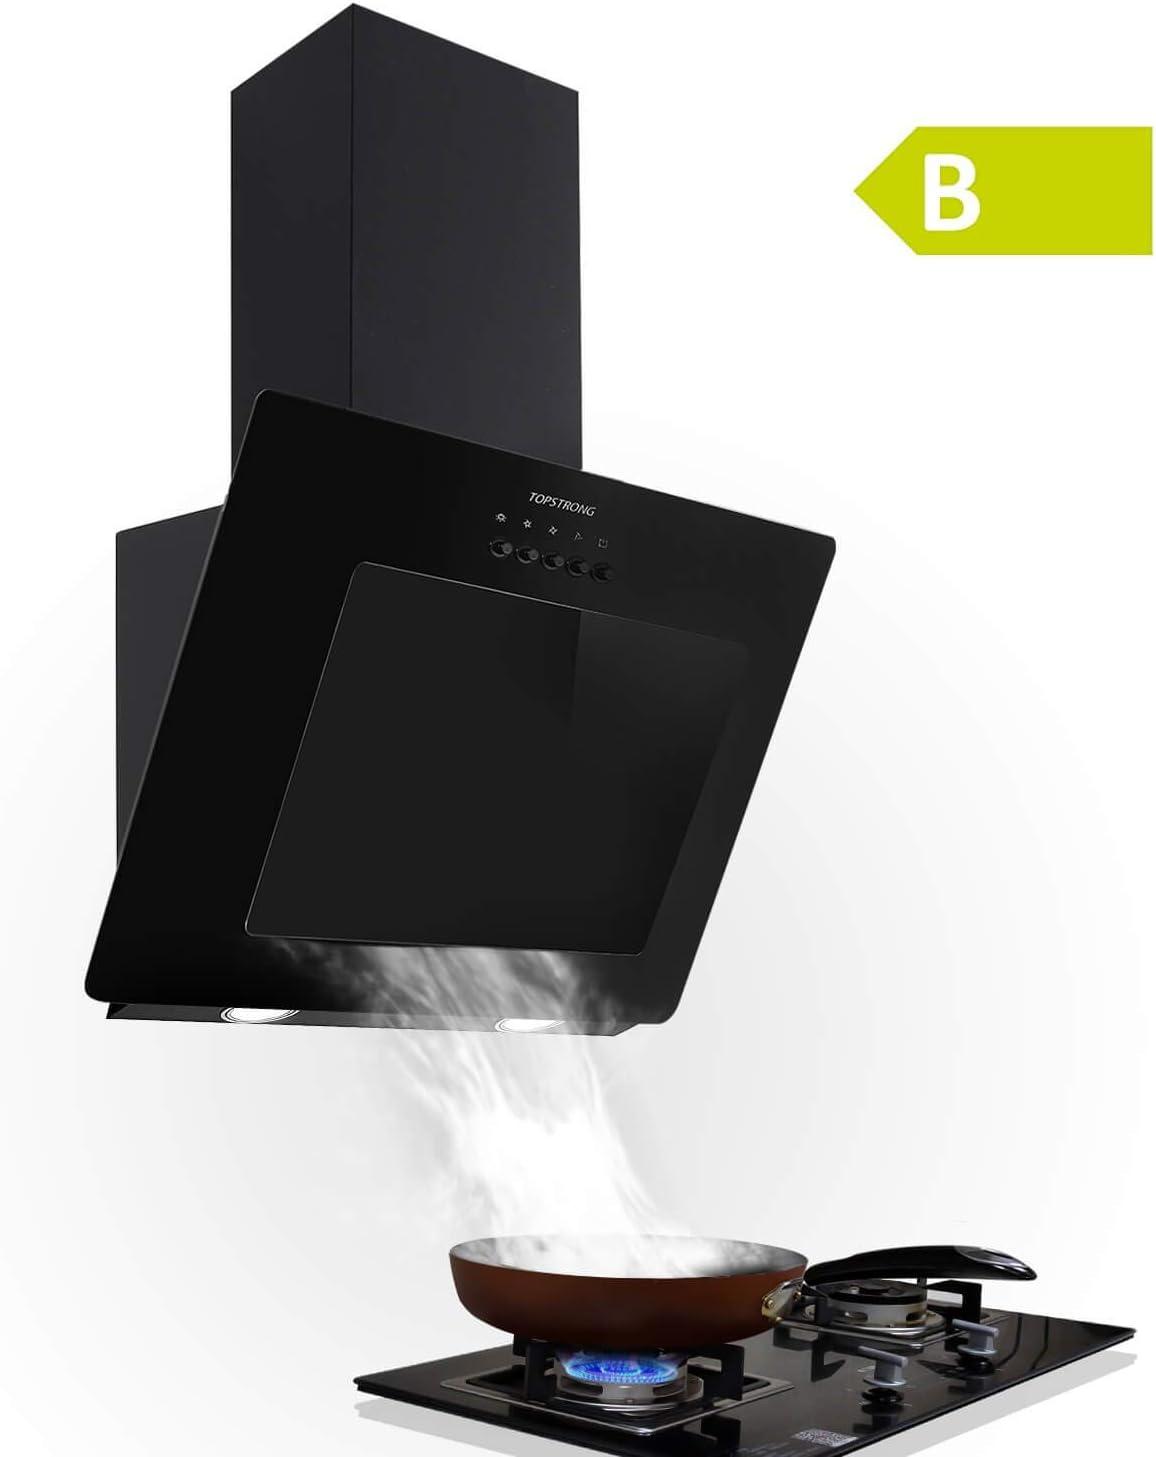 Campana extractora de 60 cm, sin cabezal, campana extractora de pared de 350 m3/h, vidrio templado, salida de aire de cocina de acero inoxidable, 3 niveles de potencia, botón de presión, iluminación